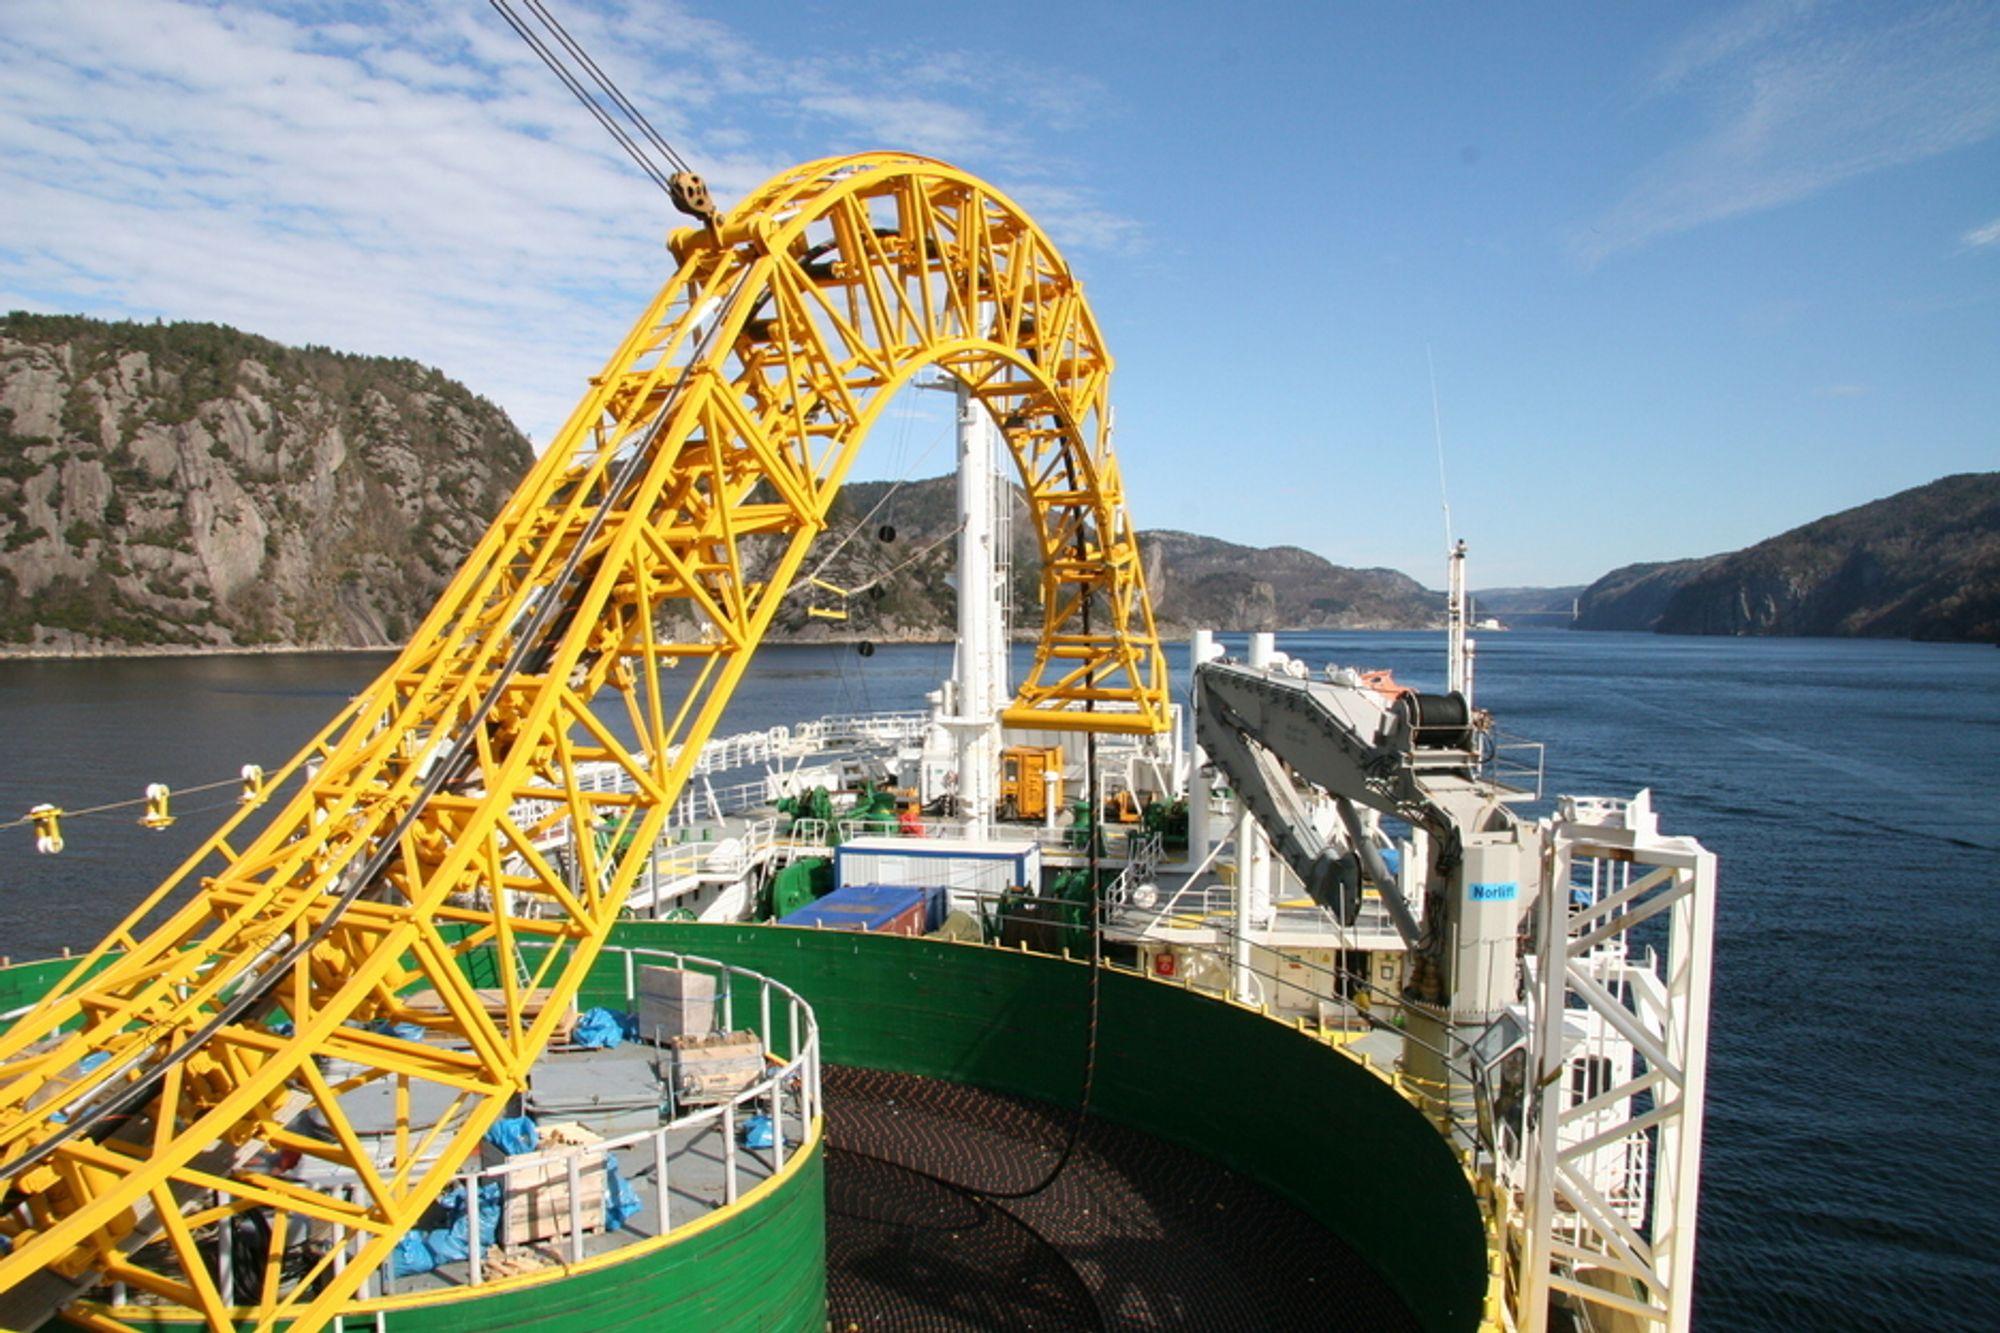 LØP OG FIKS: NVE vil ha fortgang i Statnetts reparasjonsarbeider med strømkablene i Oslofjorden. Bildet viser kabellegging i forbindelse med Norned-prosjektet.